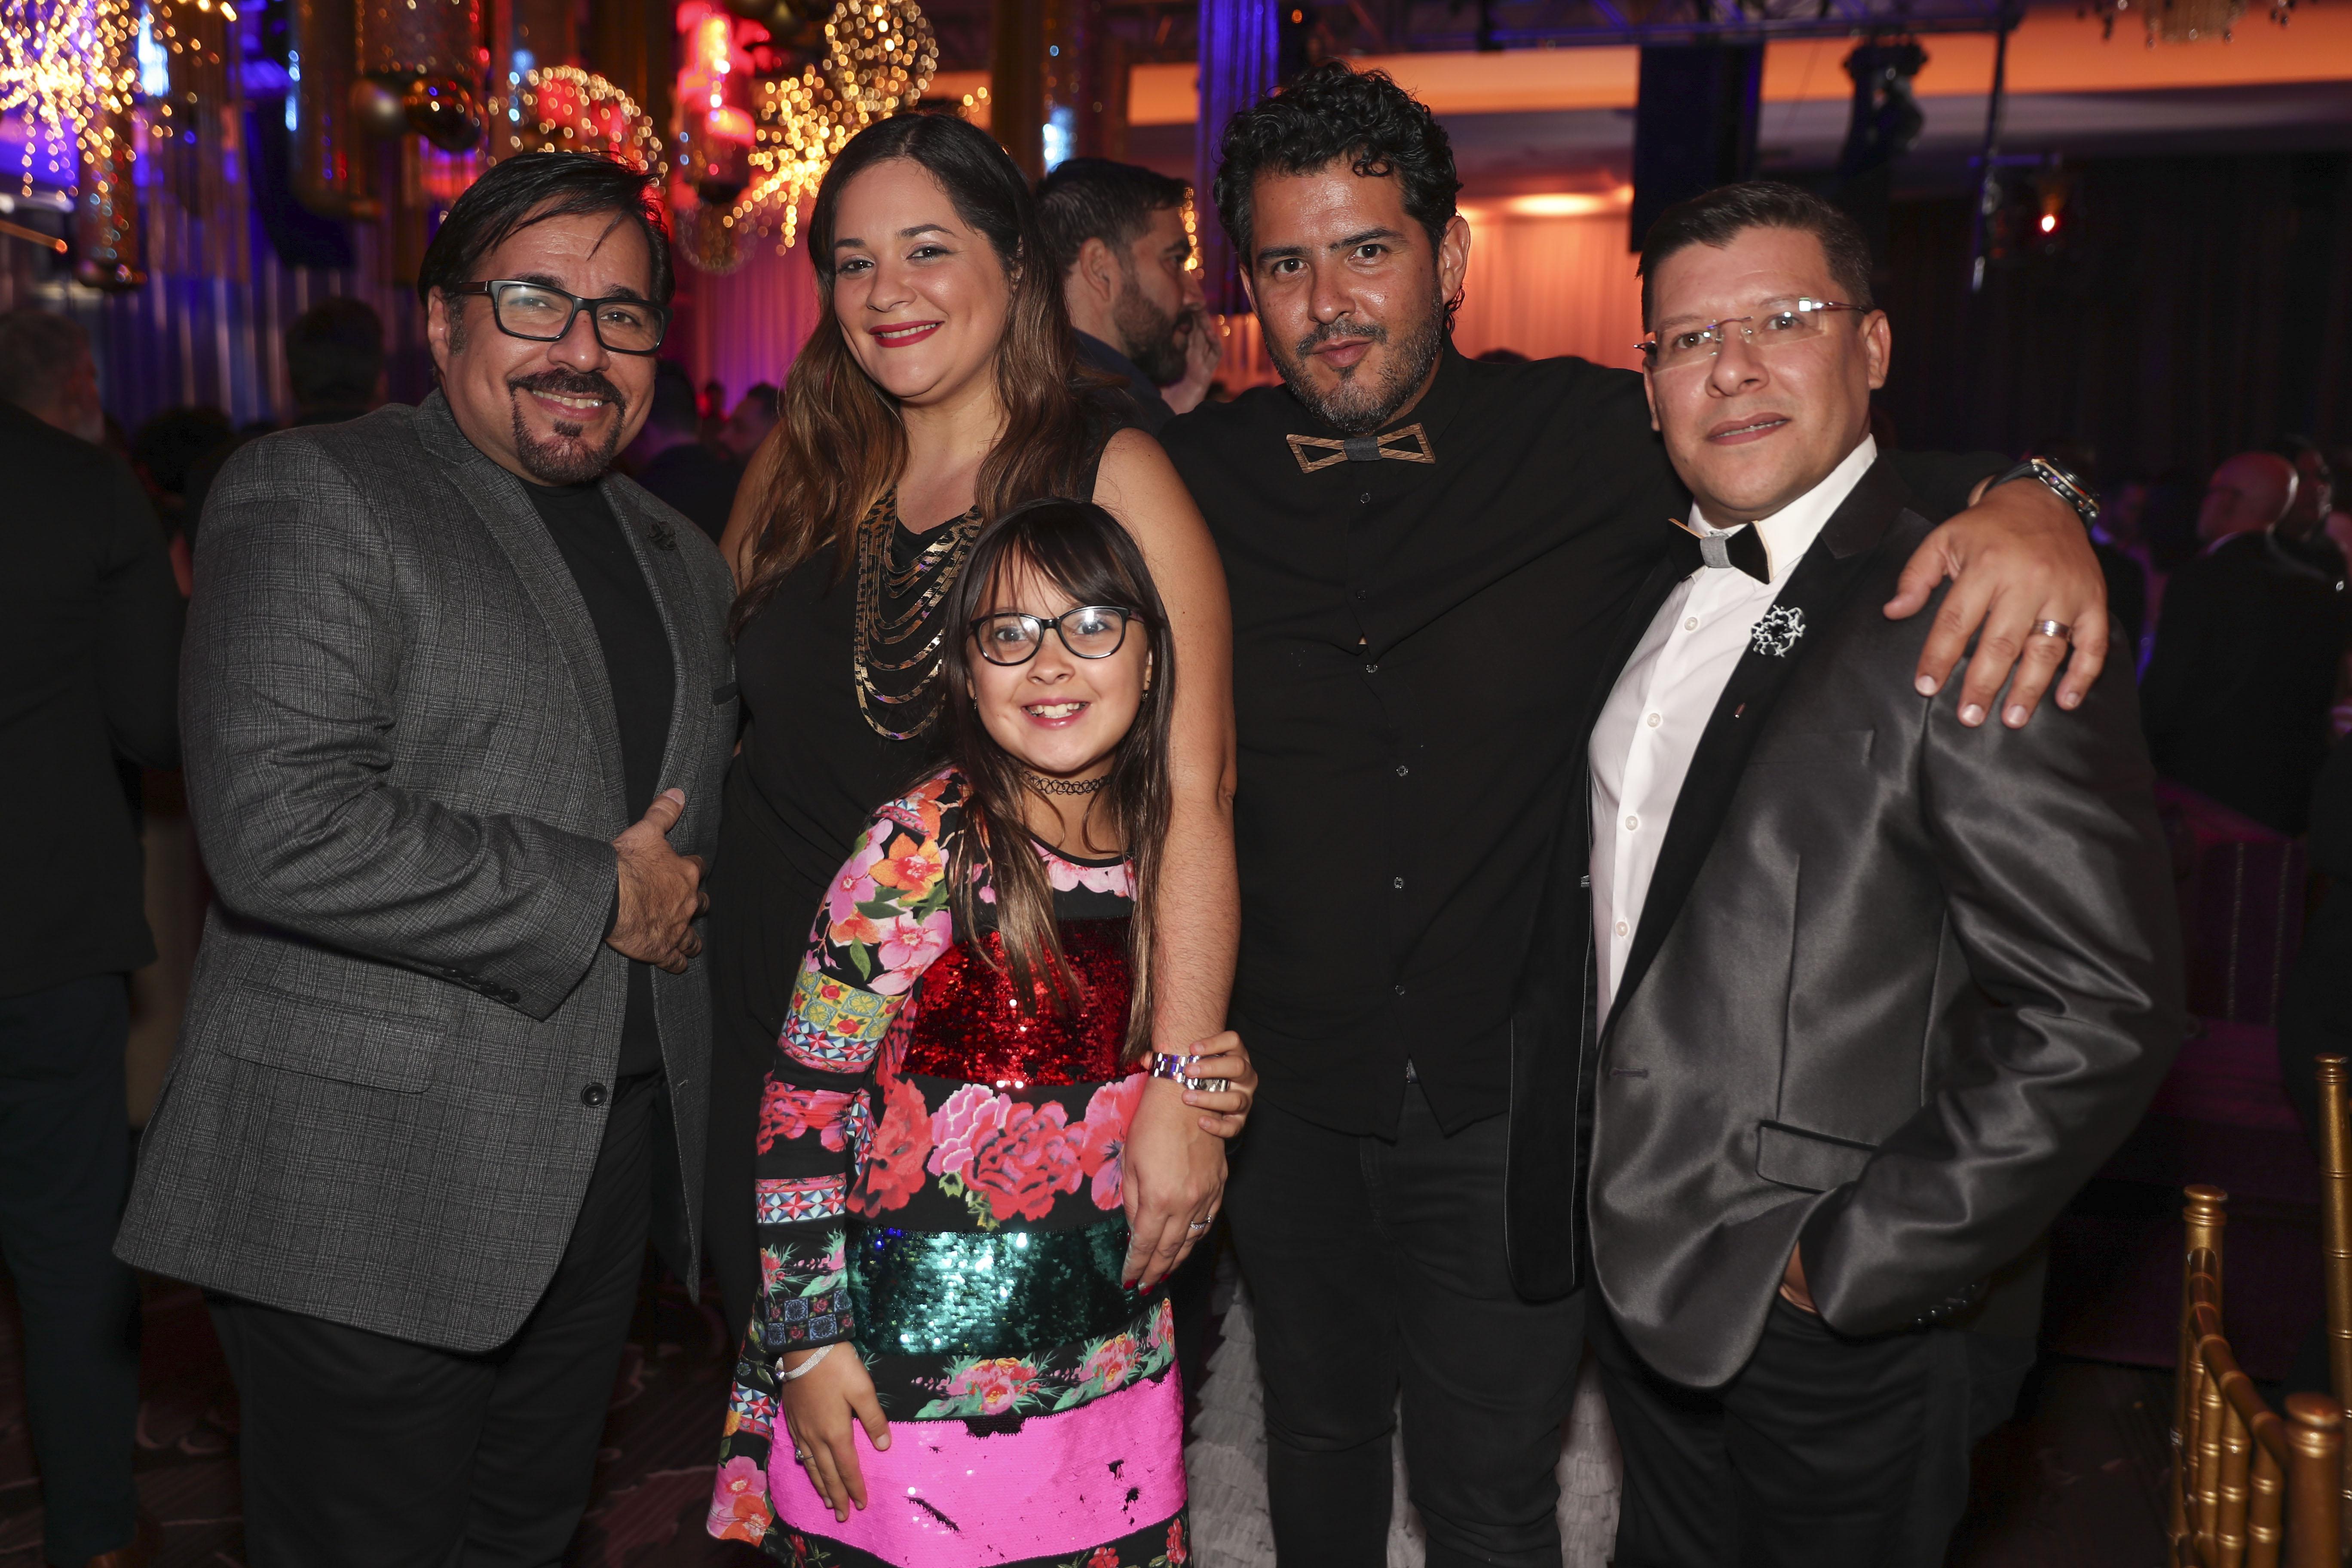 Luis Santiago, Liliana Pastor, Leah Aguayo, José Aguayo y Ricardo Calderón. (Suministrada)